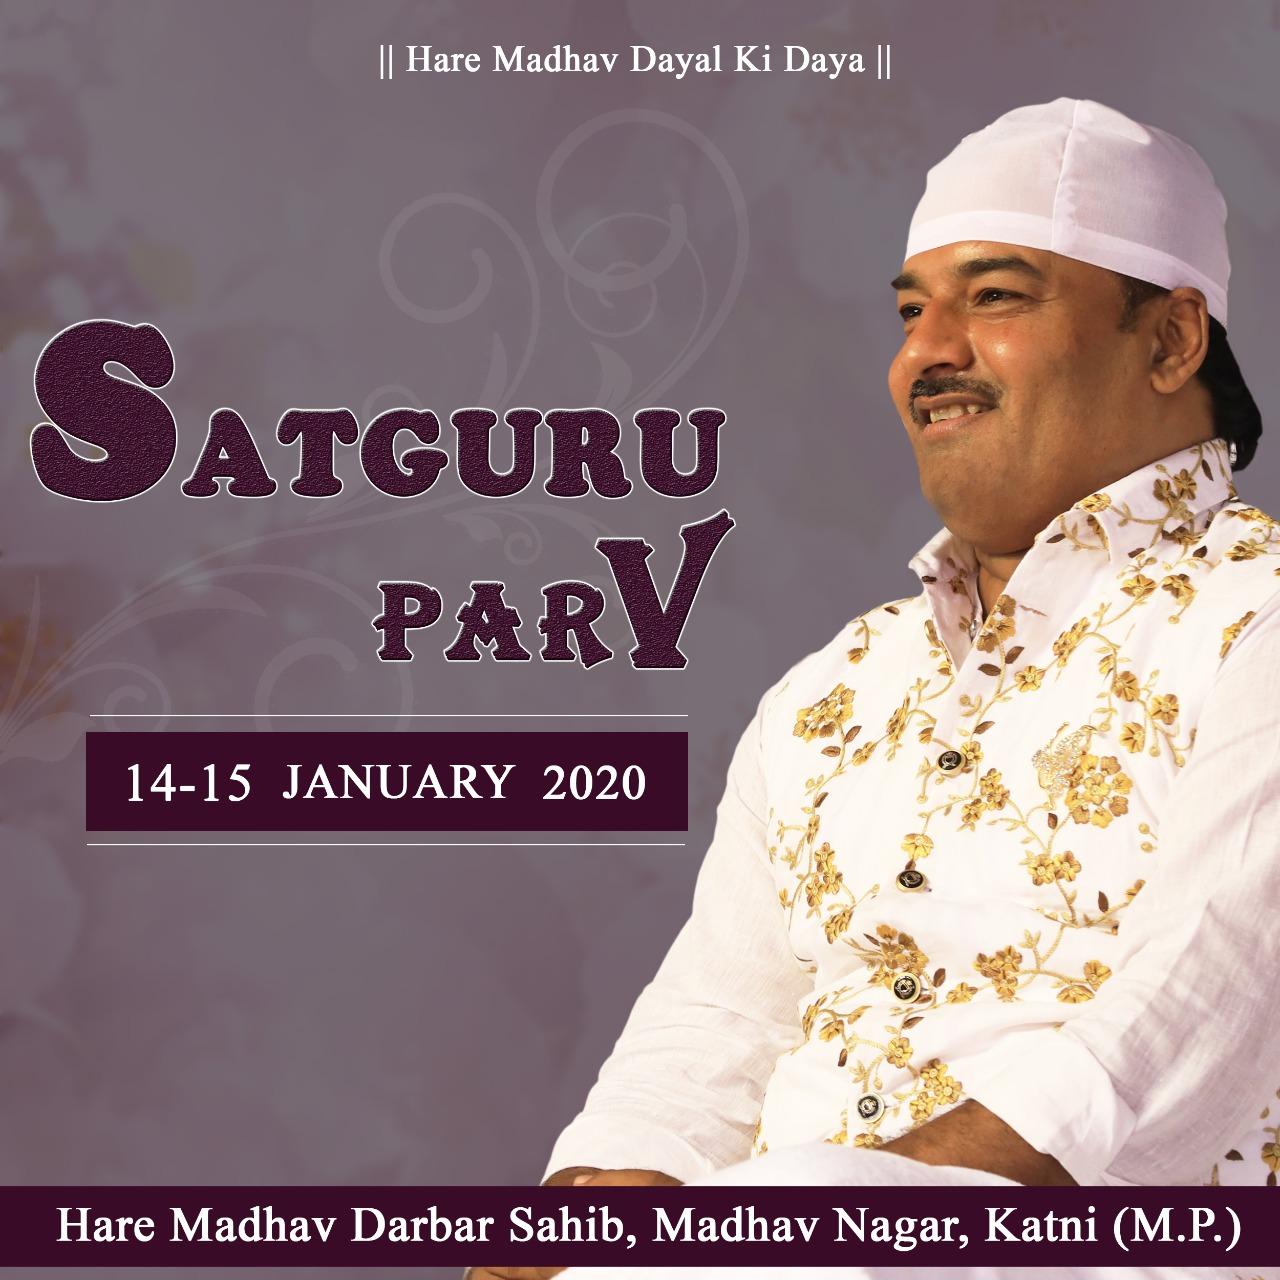 Hare Madhav Satguru Parv